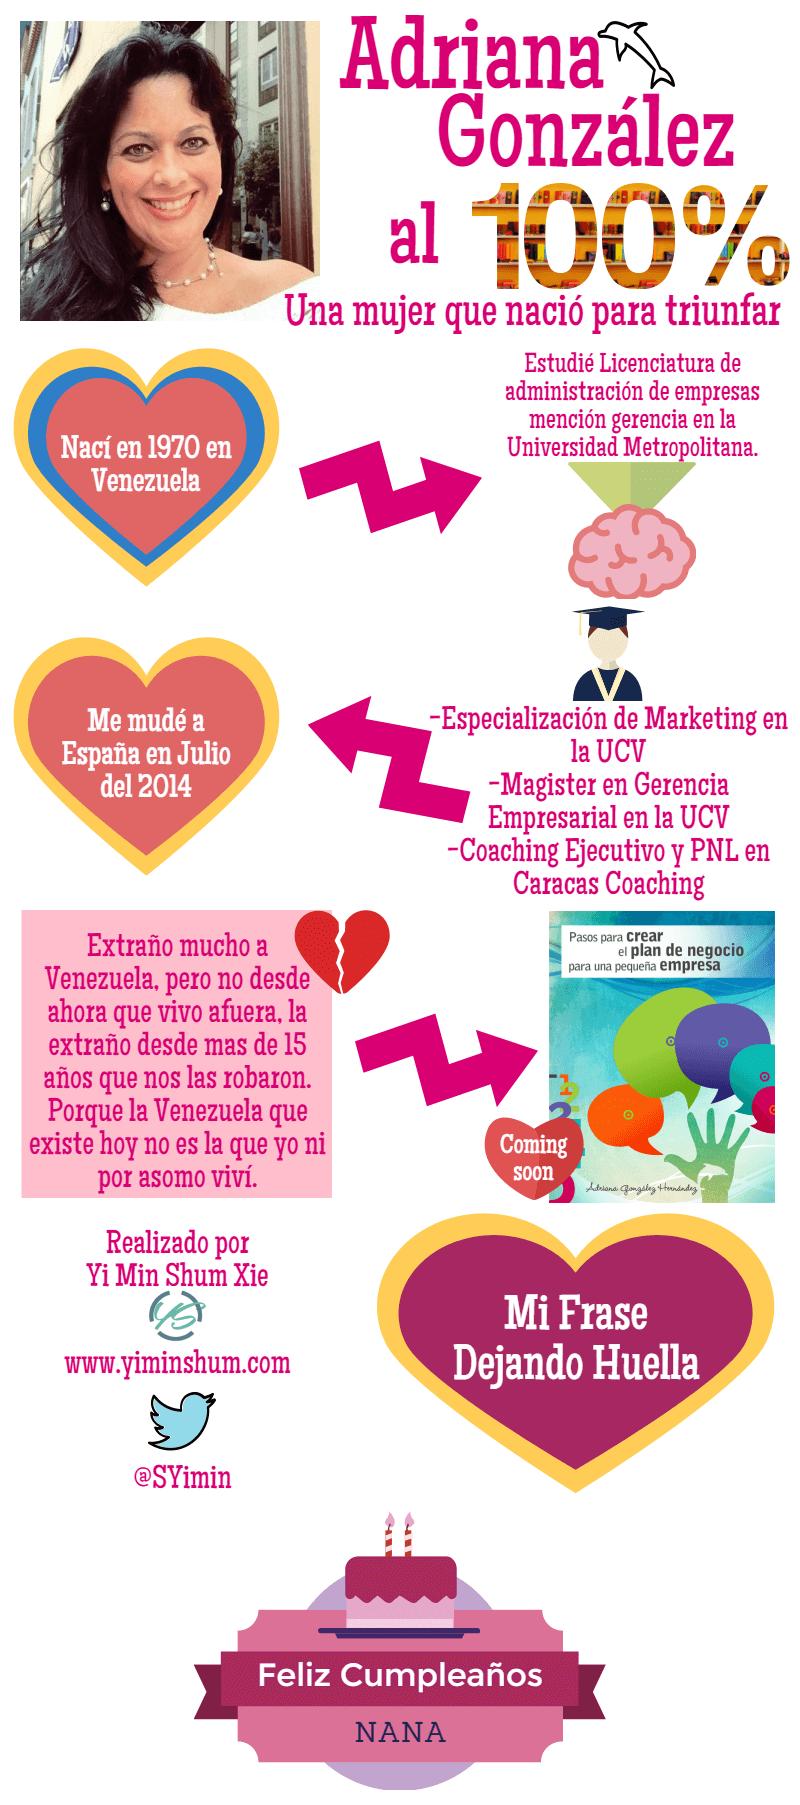 adriana gonzalez - nana infografía